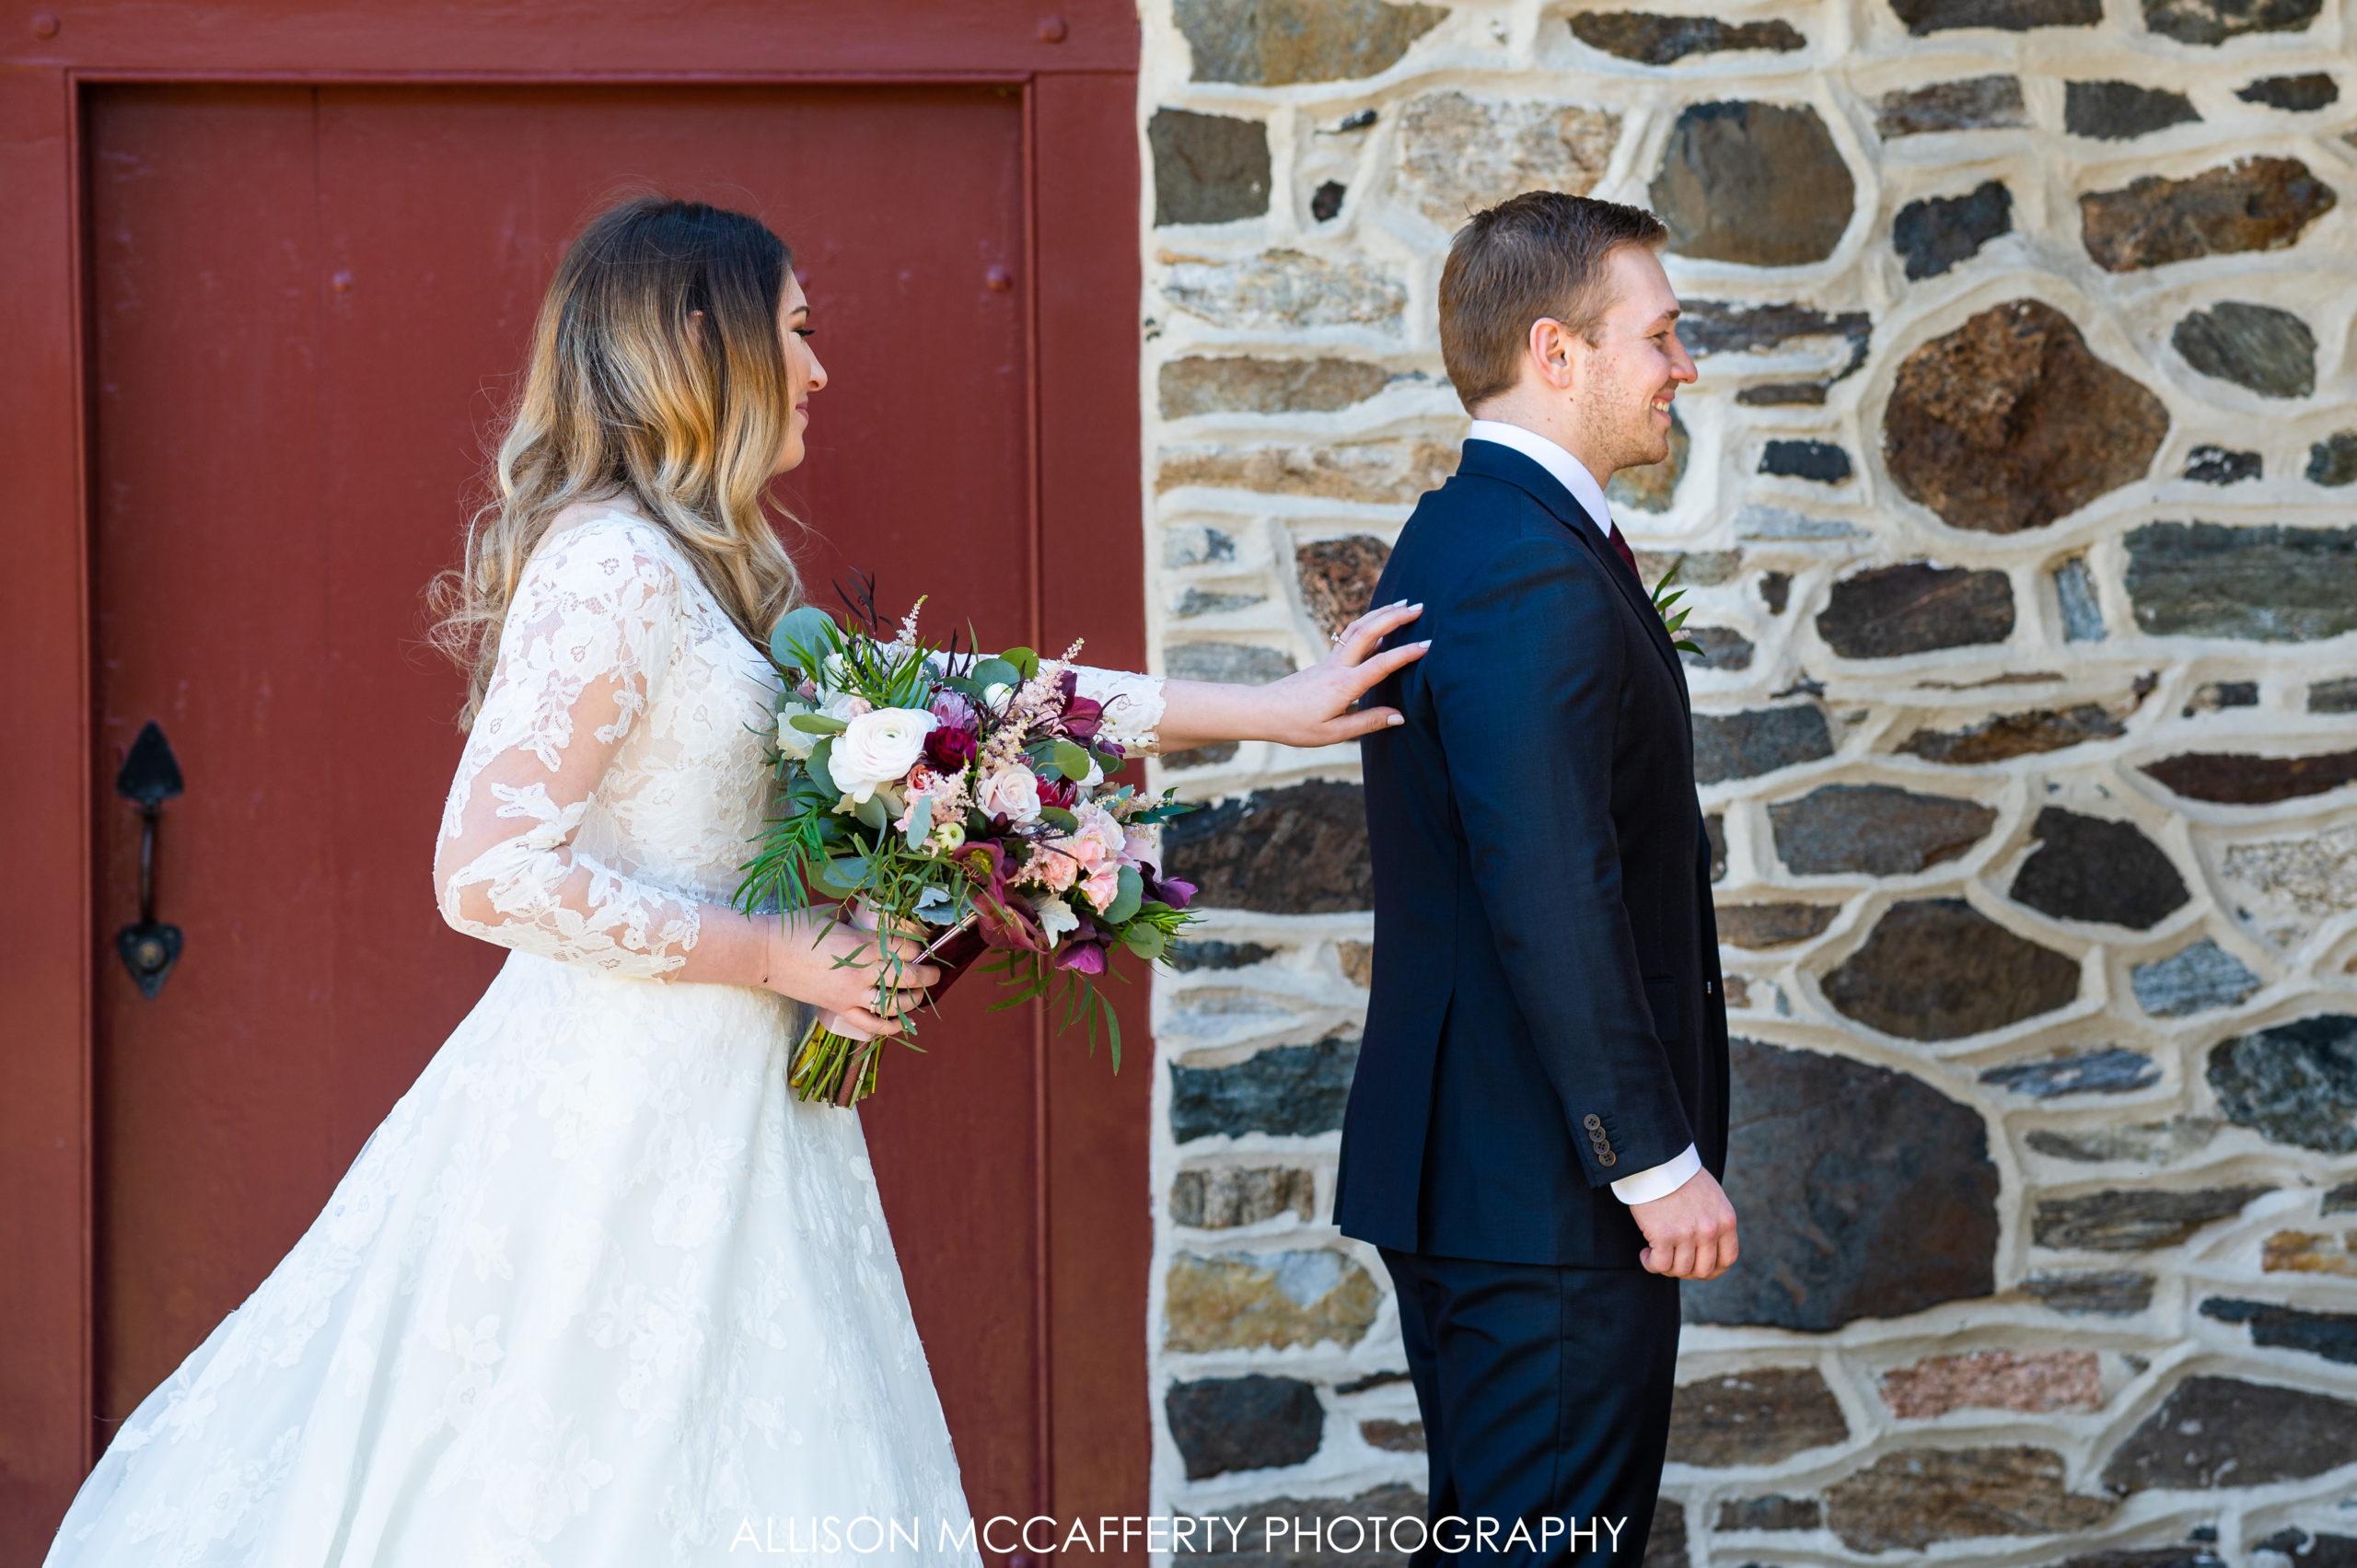 Glen Mills Wedding PhotosGlen Mills Wedding Pictures